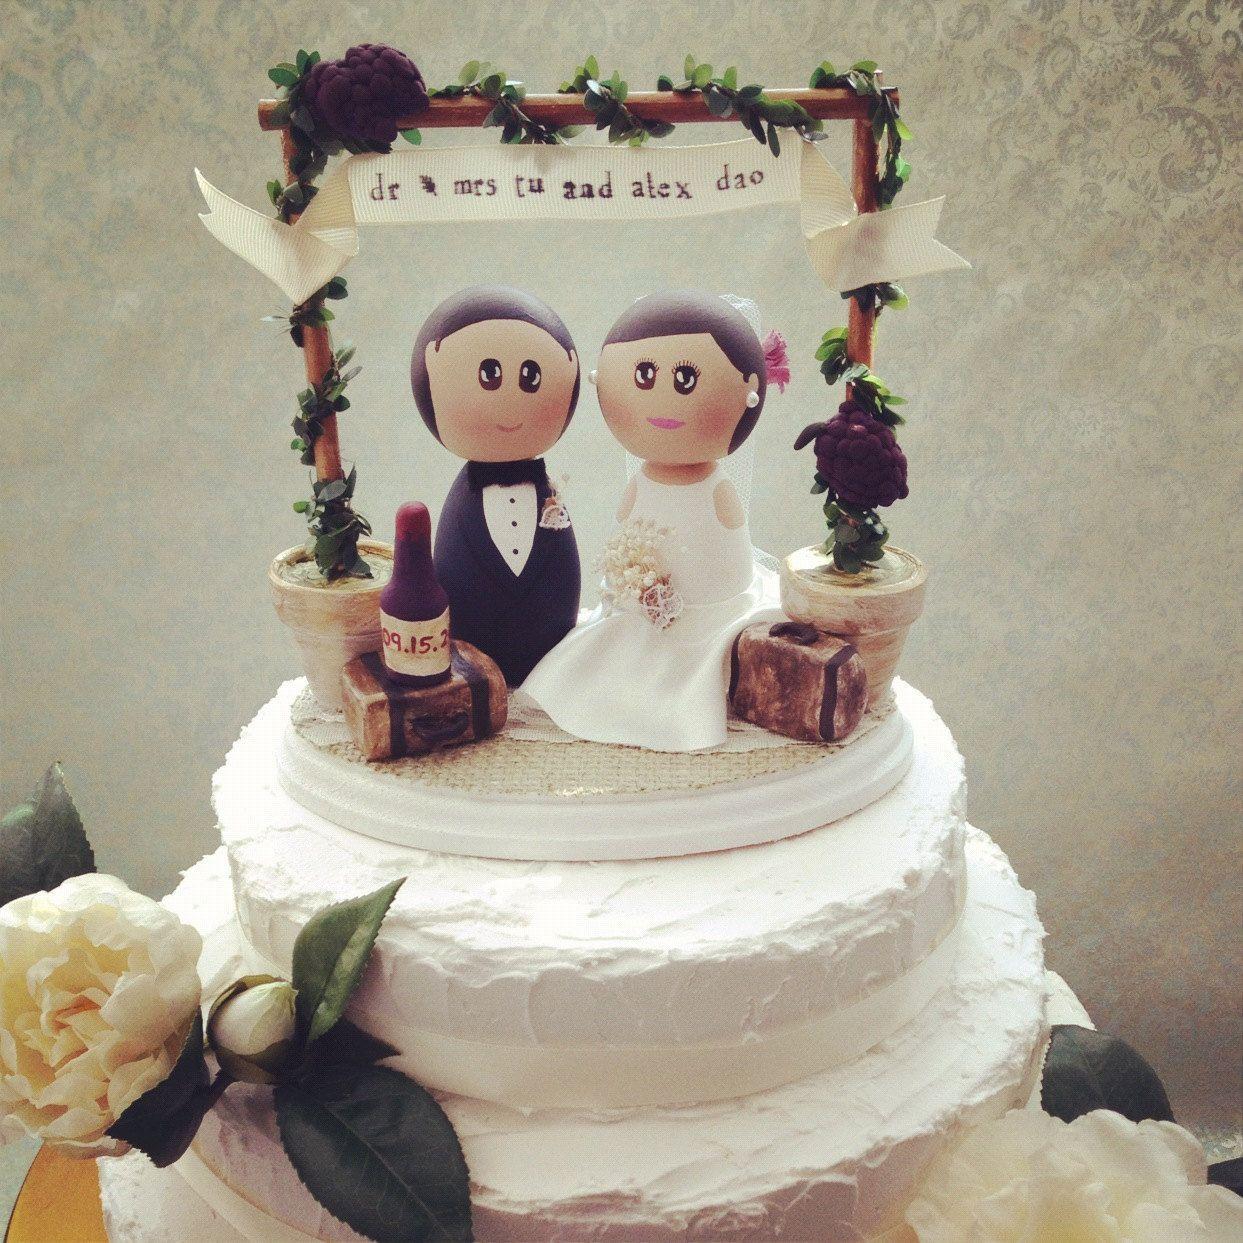 Custom Rustic Vintage Winery Wedding Cake Topper Base By DSMeeBee